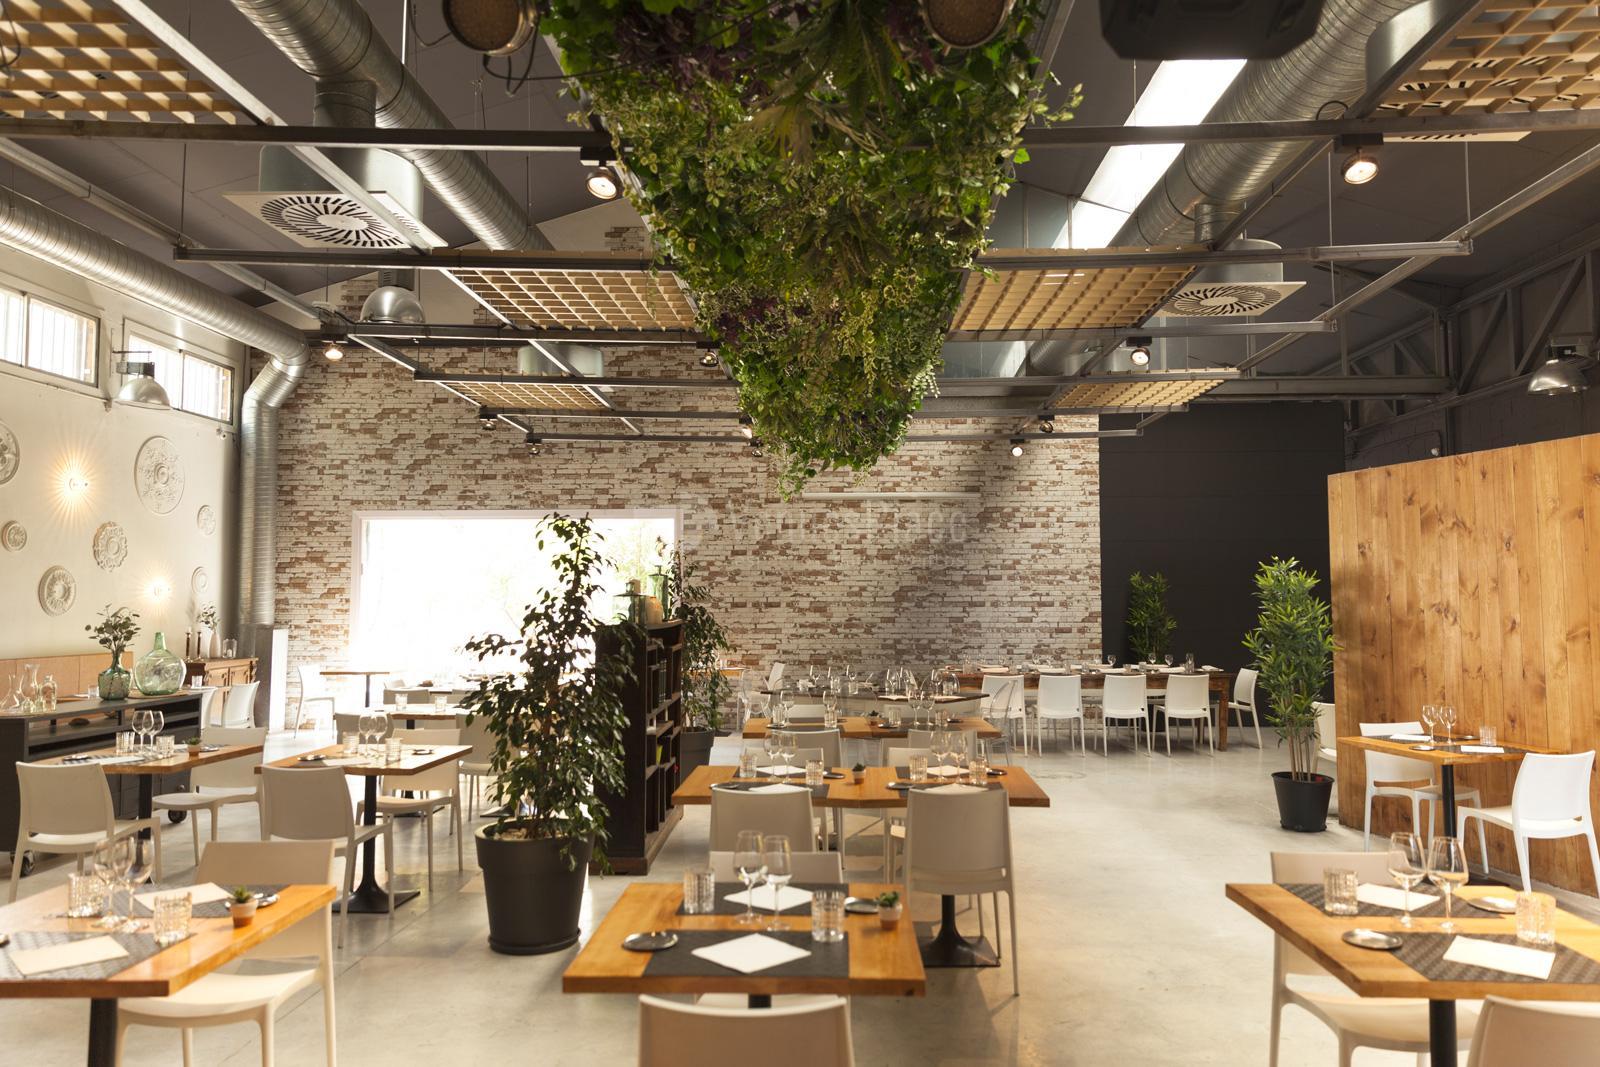 Comuniones, bautizos y otros eventos familiares en Roseta Restaurante